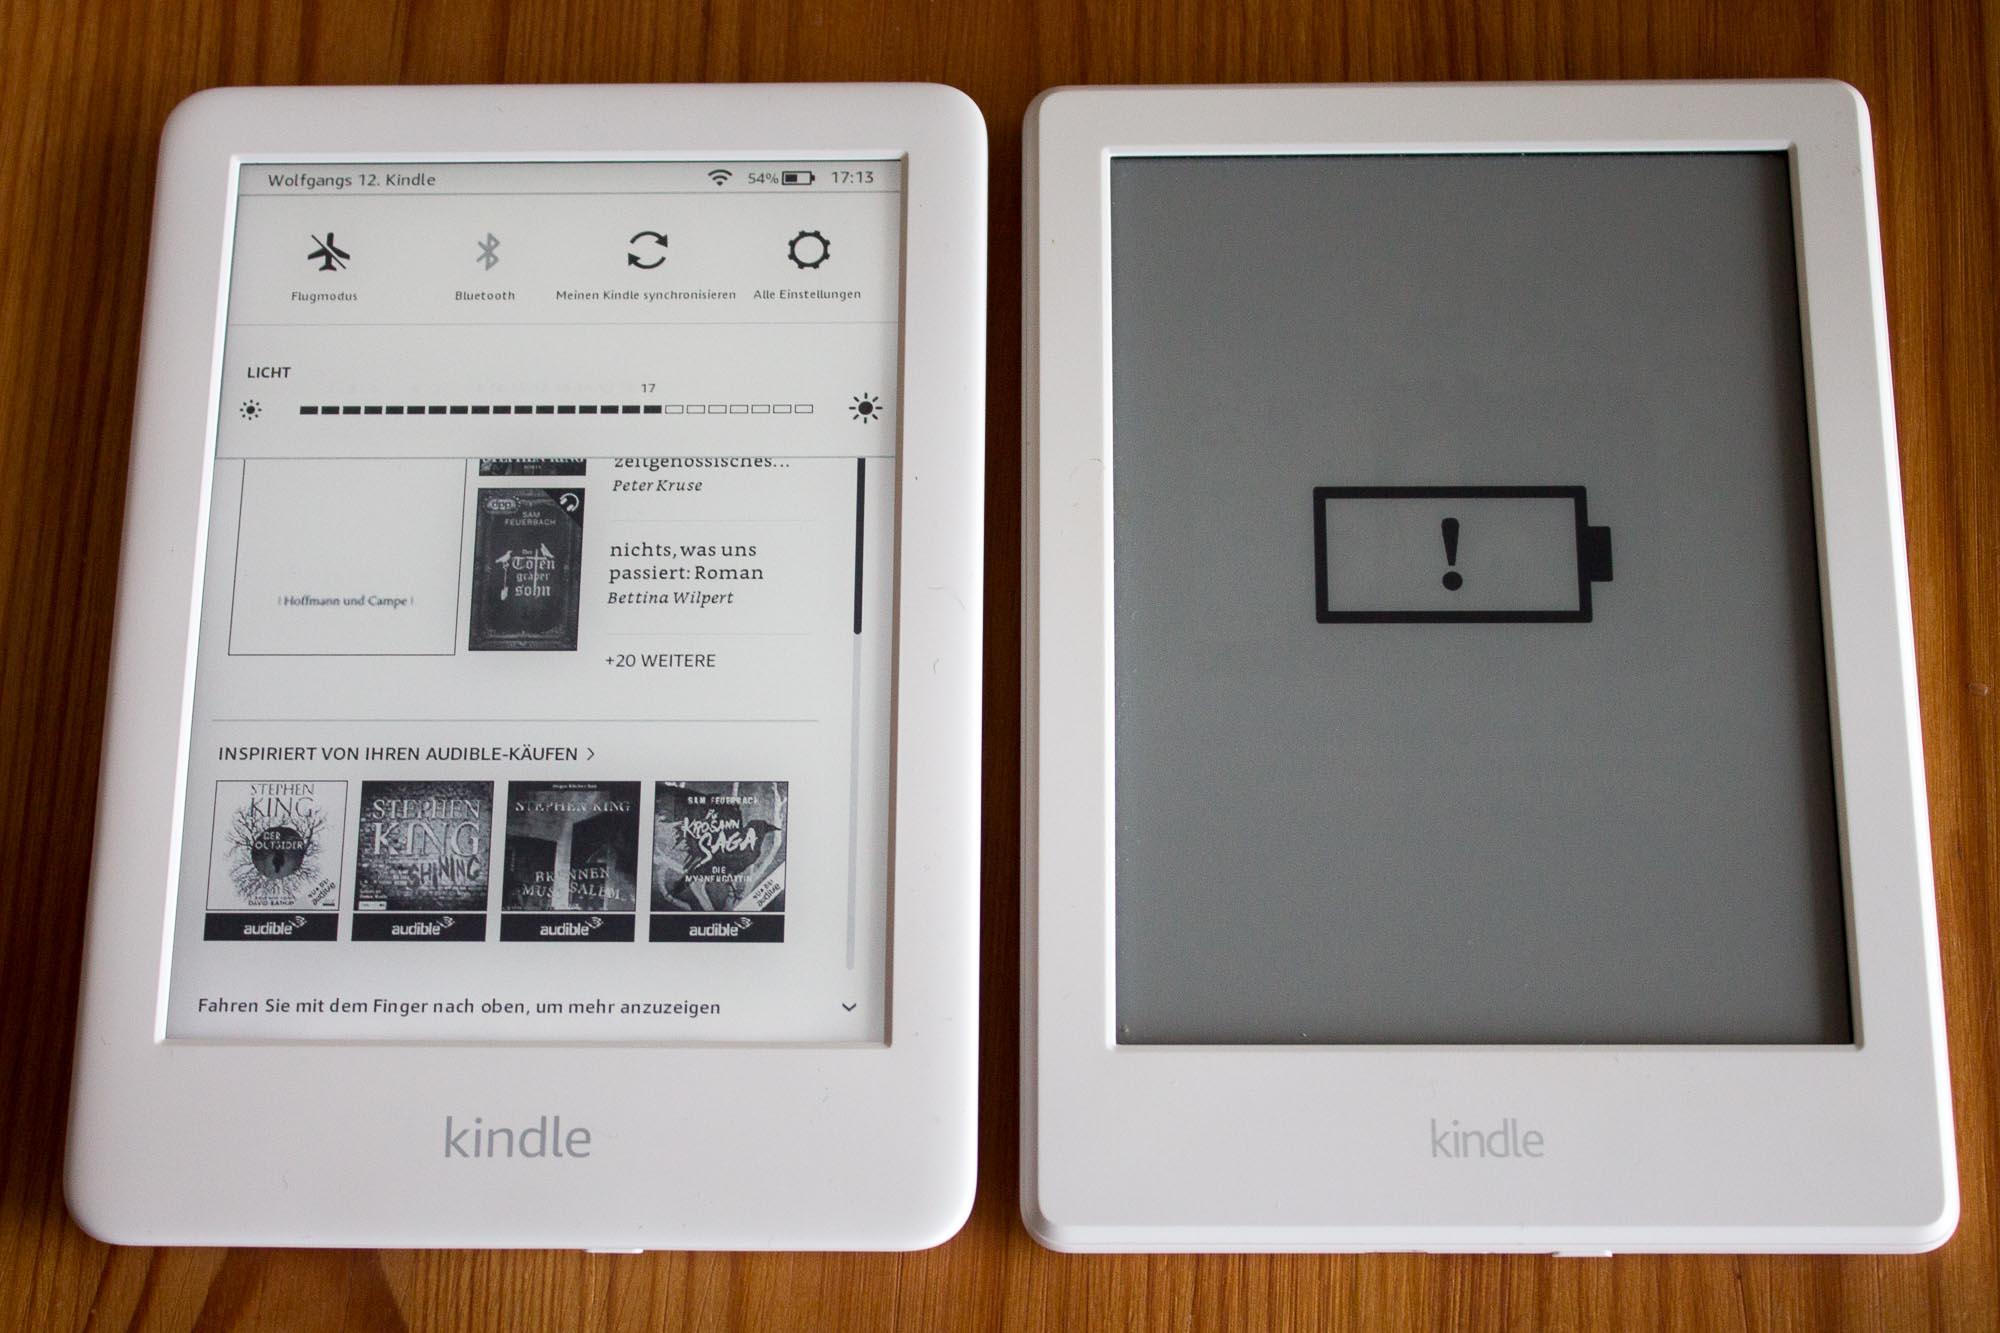 Kindle und Kindle Paperwhite 2019 im Vergleich: Wozu die zwei